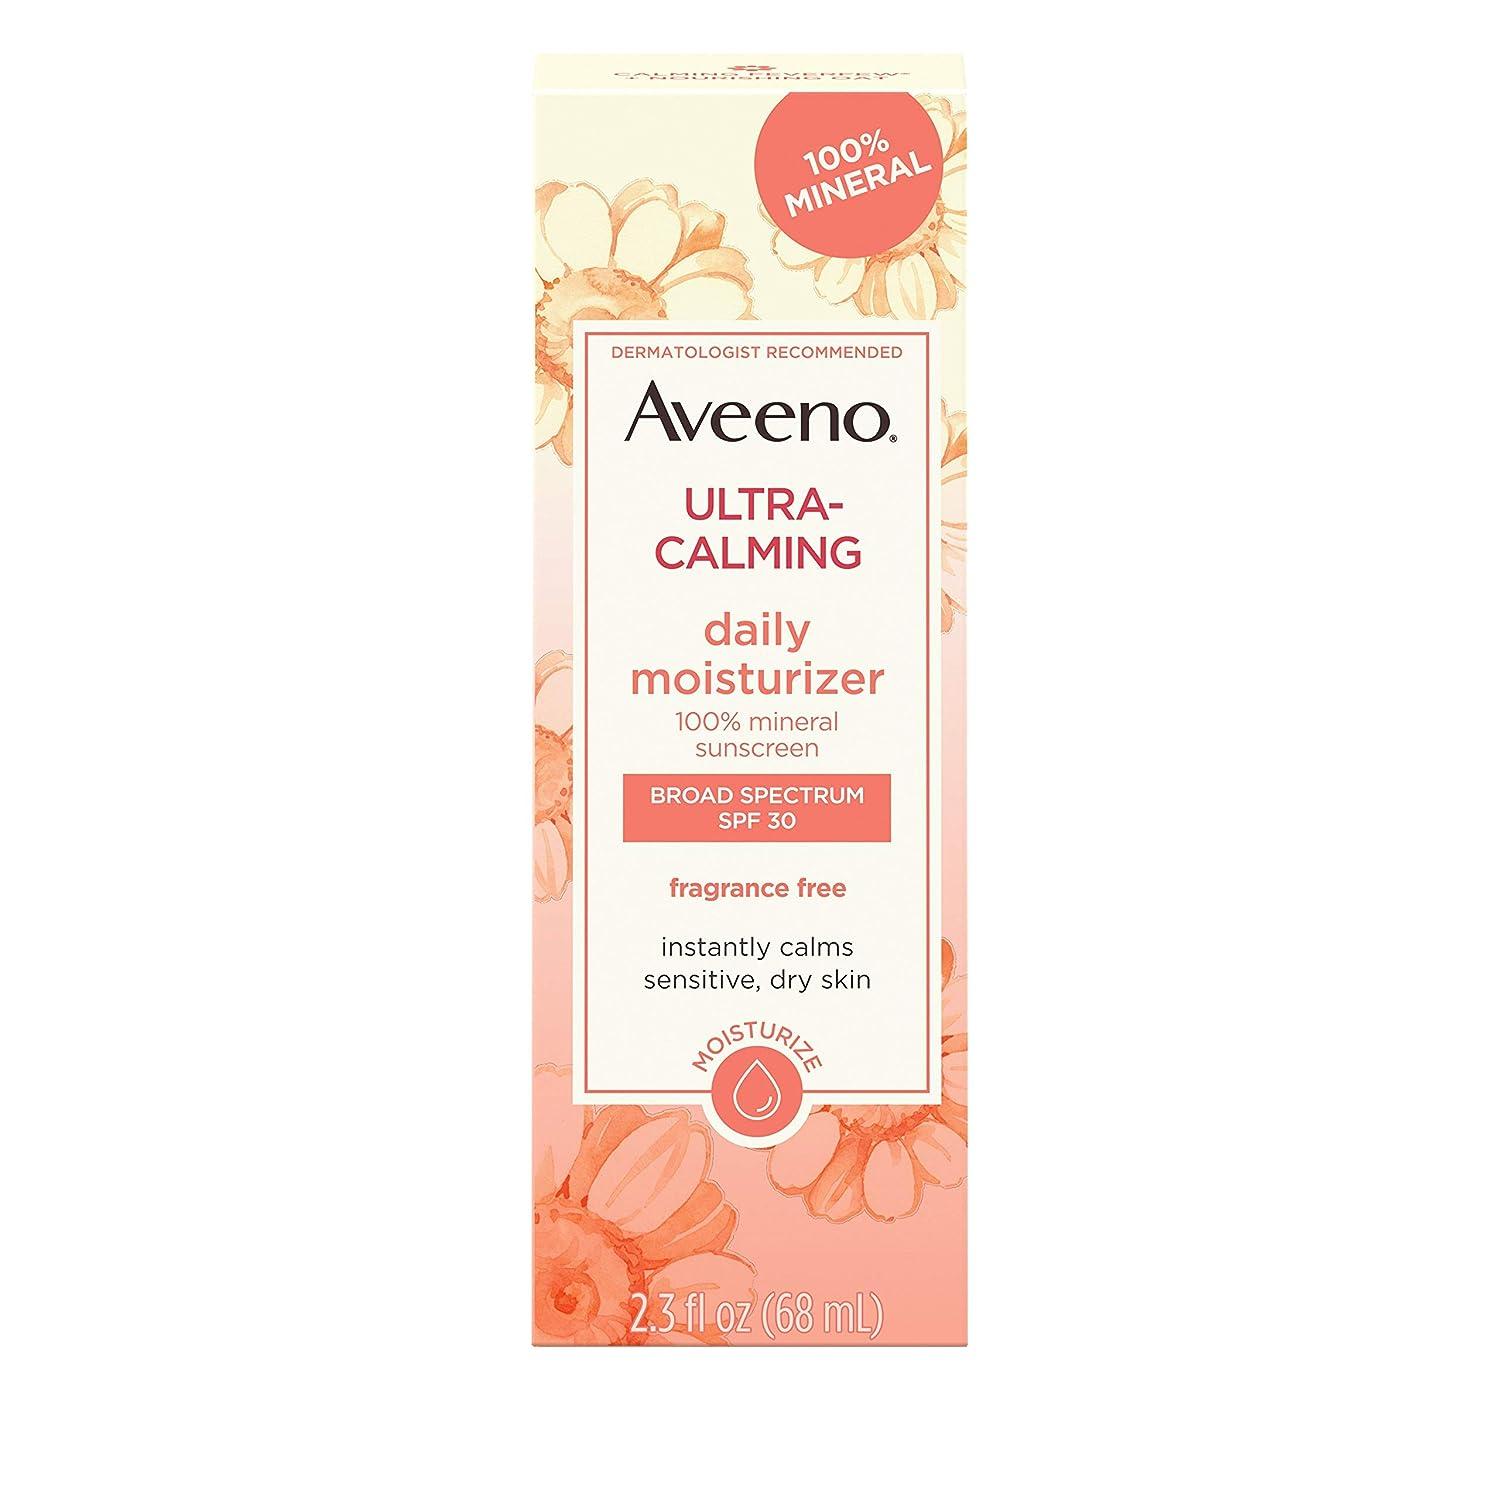 類人猿王位包括的アビーノ ウルトラカーミング デイリーモイスチャライザー無香料 敏感肌用 SPF30 0.25オンス Aveeno Ultra-Calming Daily Fragrance-Free Moisturizer - Sensitive Skin - SPF 30-2.5 fl oz